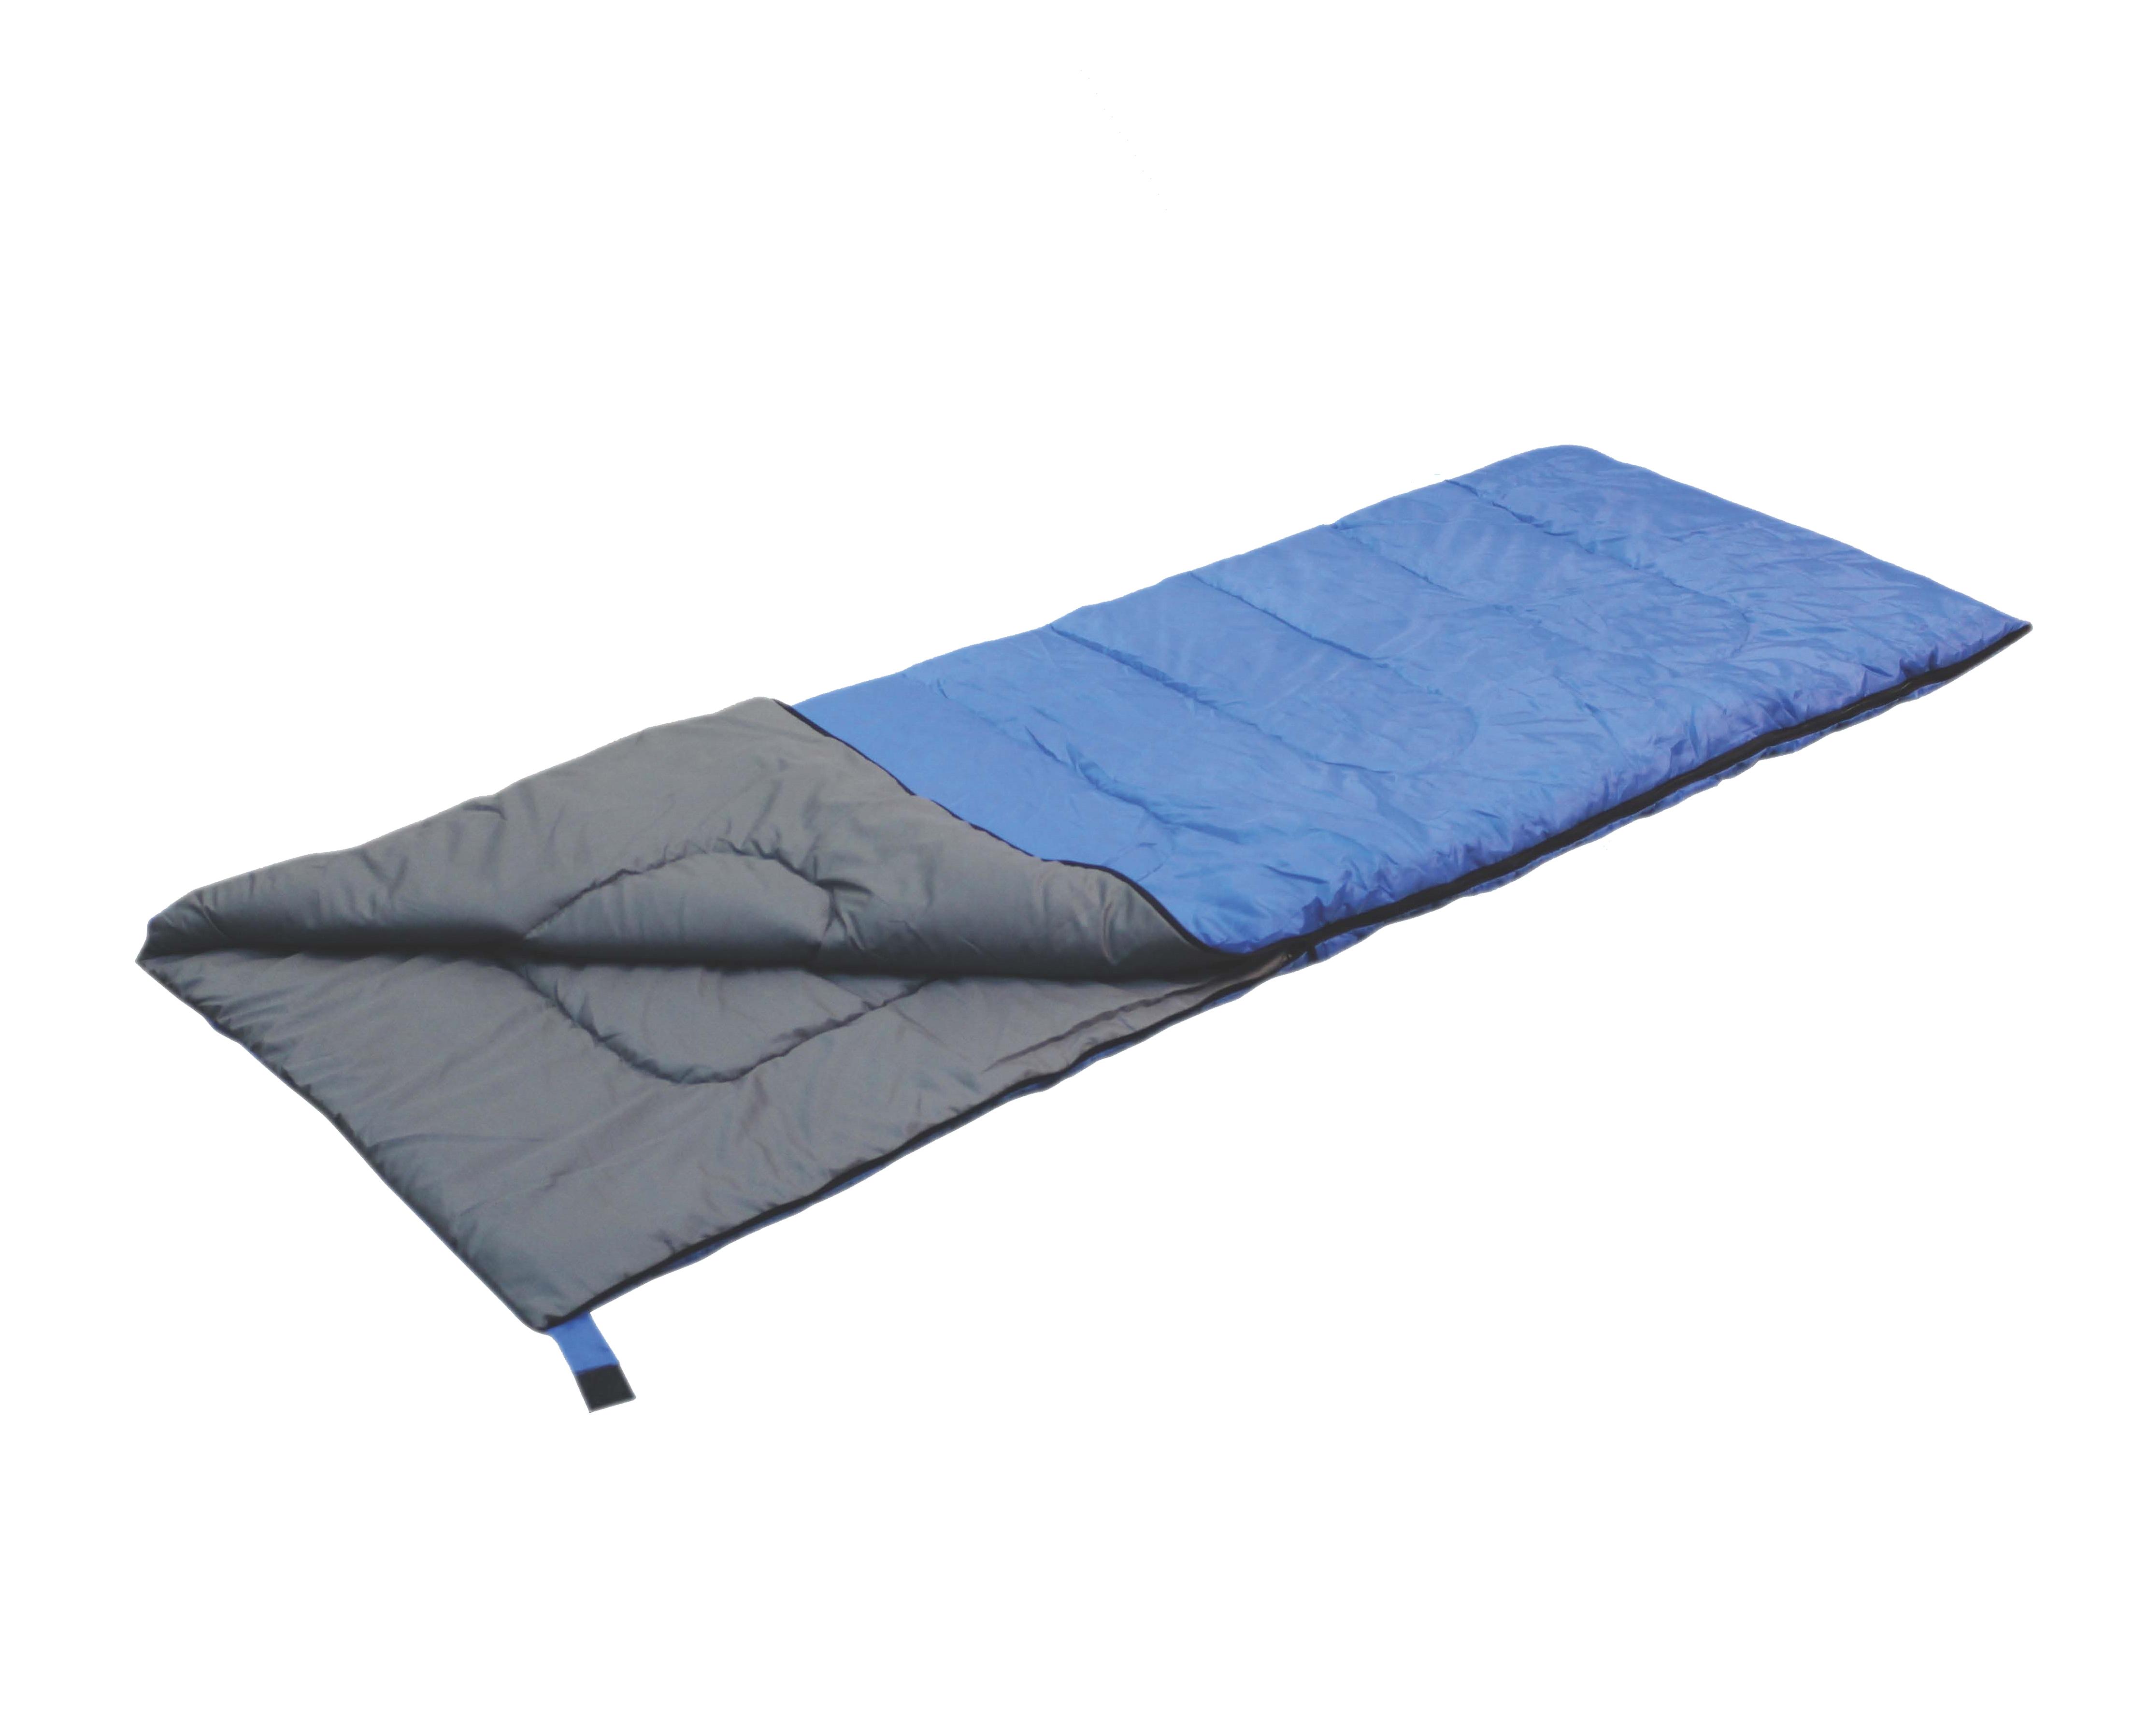 Спальный мешок-одеяло Reka, цвет: синий, черный, правосторонняя молнияSB-095Основные характеристики: Тип: одеяло Размер: 200х75 см Материал наружный: 190T полиэстер с PA покрытием Материал внутренний: полиэстер, хлопок. Наполнитель: 200гр./м2 холофайбер Температурный режим: до +10 Вес: 1 кг Страна-производитель: Китай Упаковка: чехол, пакет Практичная модель для летнего сезона в туризме и активного отдыха на природе. Комплектуется компактным чехлом.